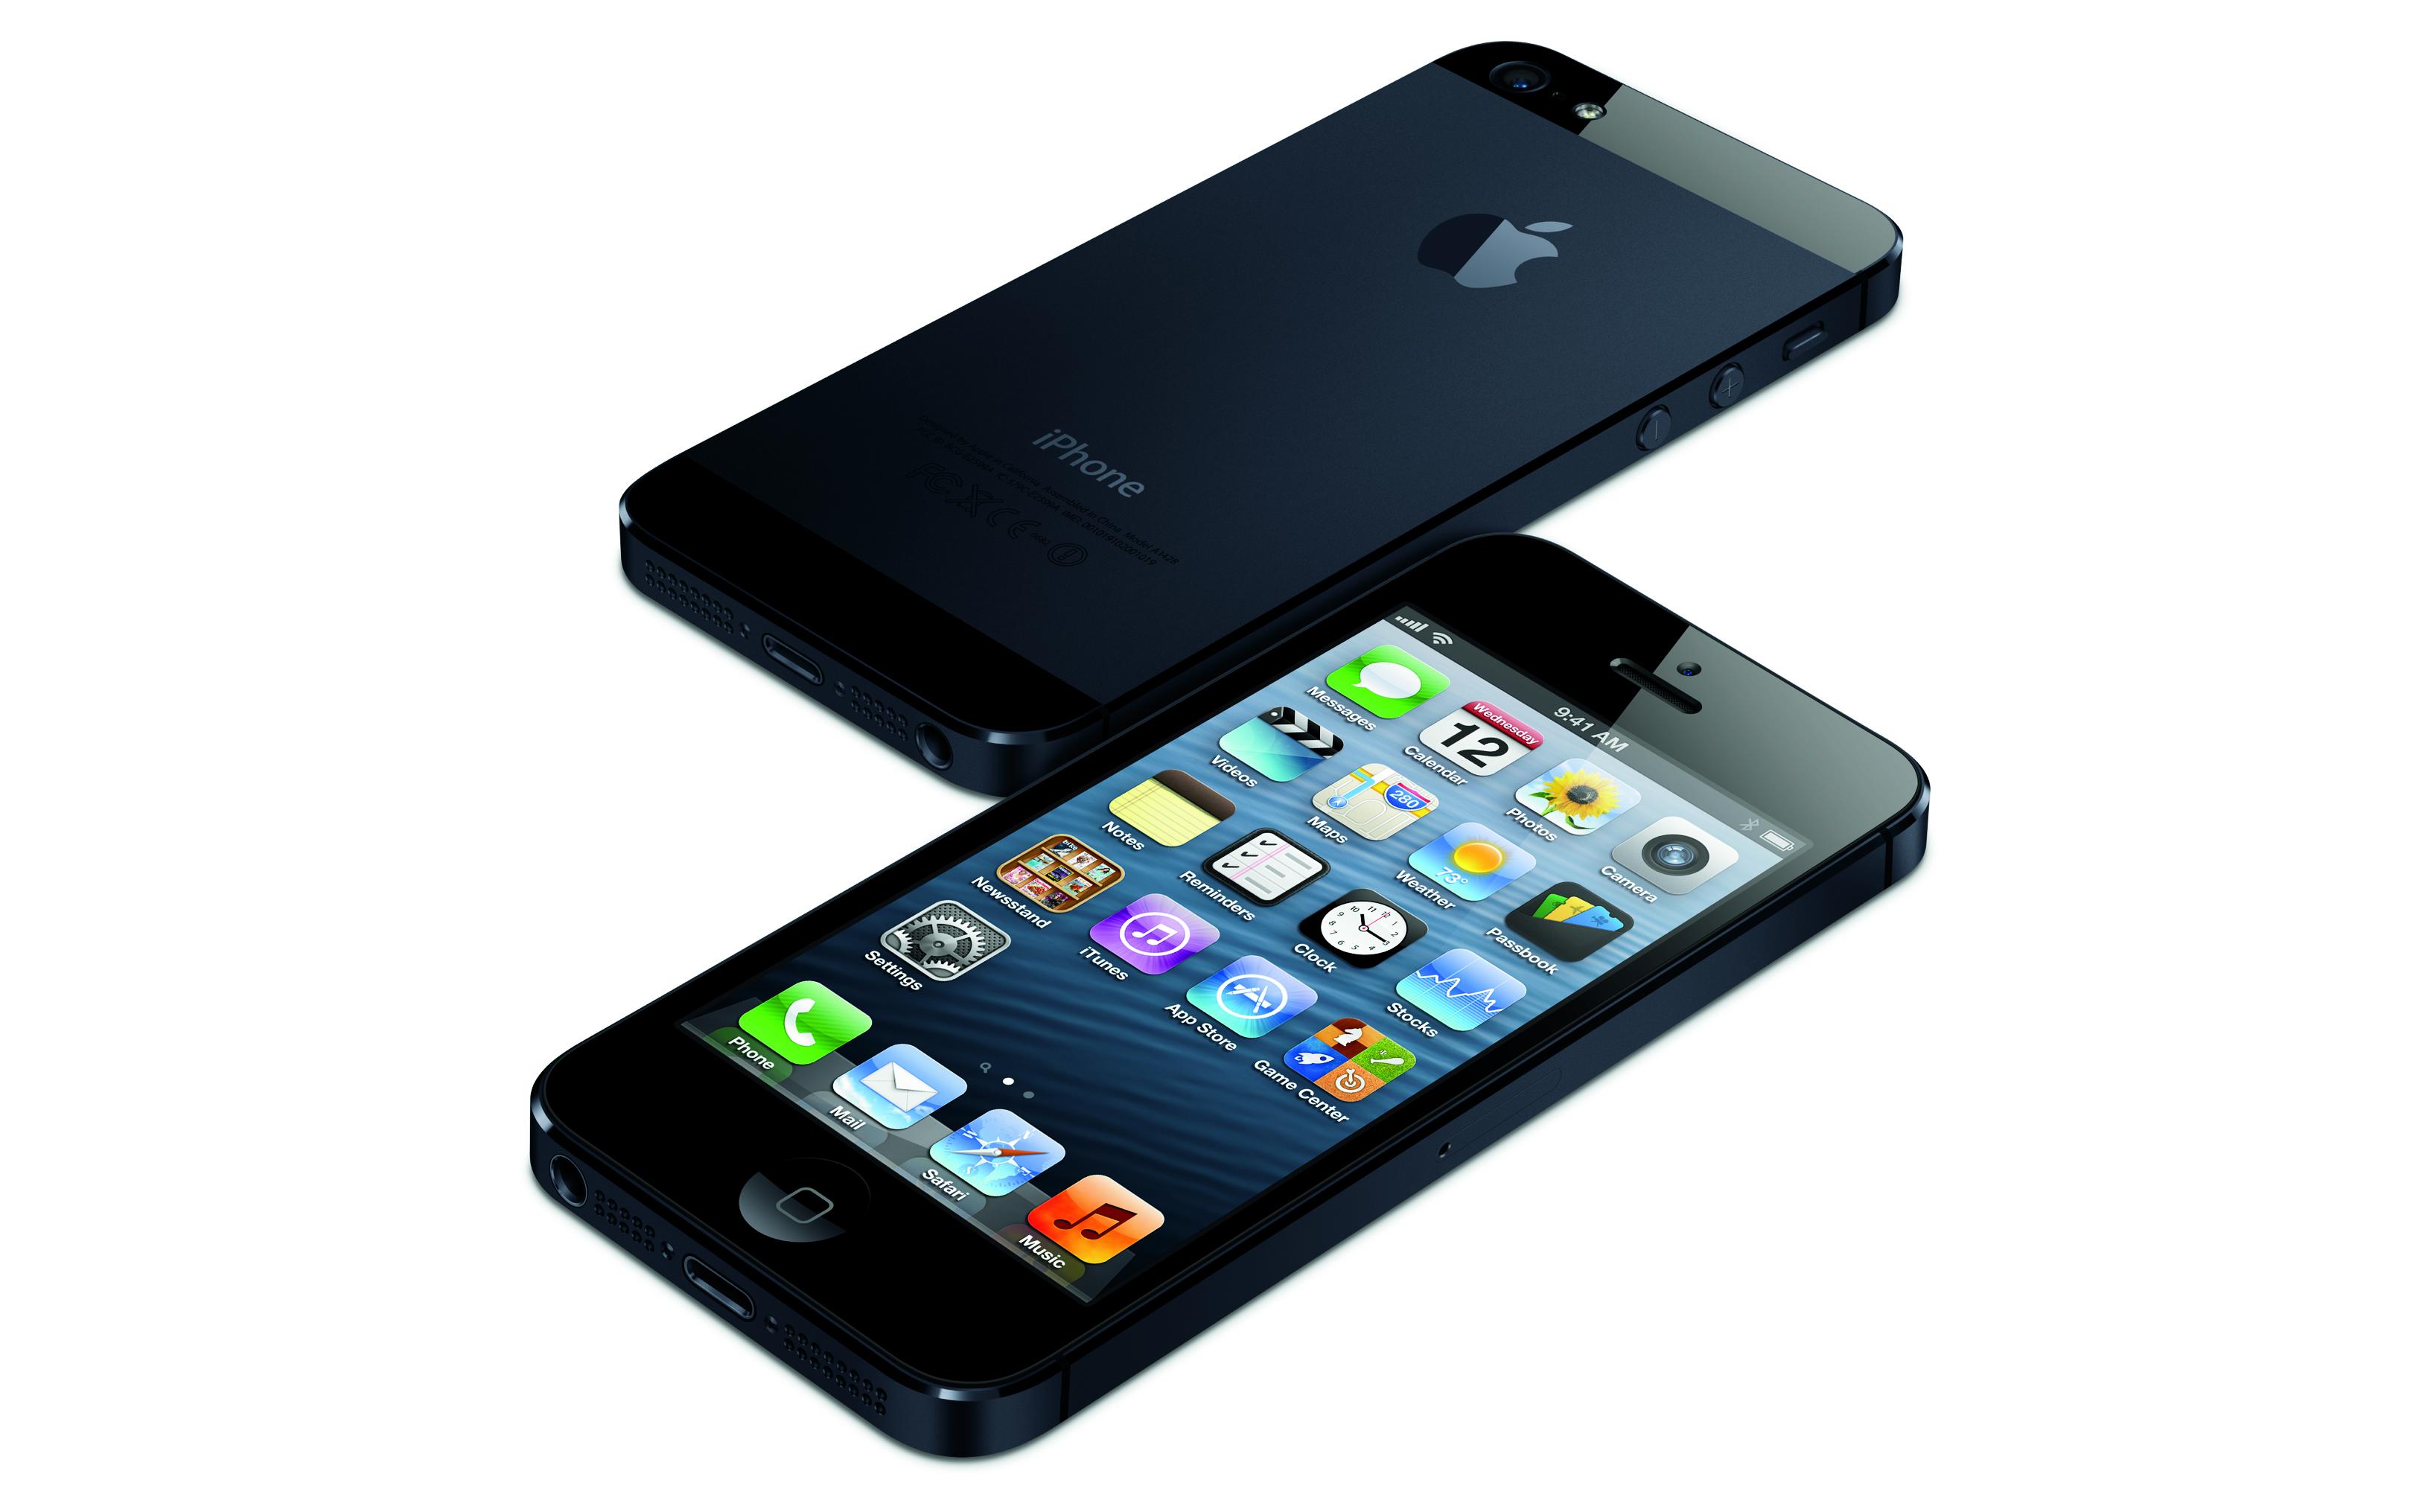 iPhone 5 a fost lansat si arata impecabil